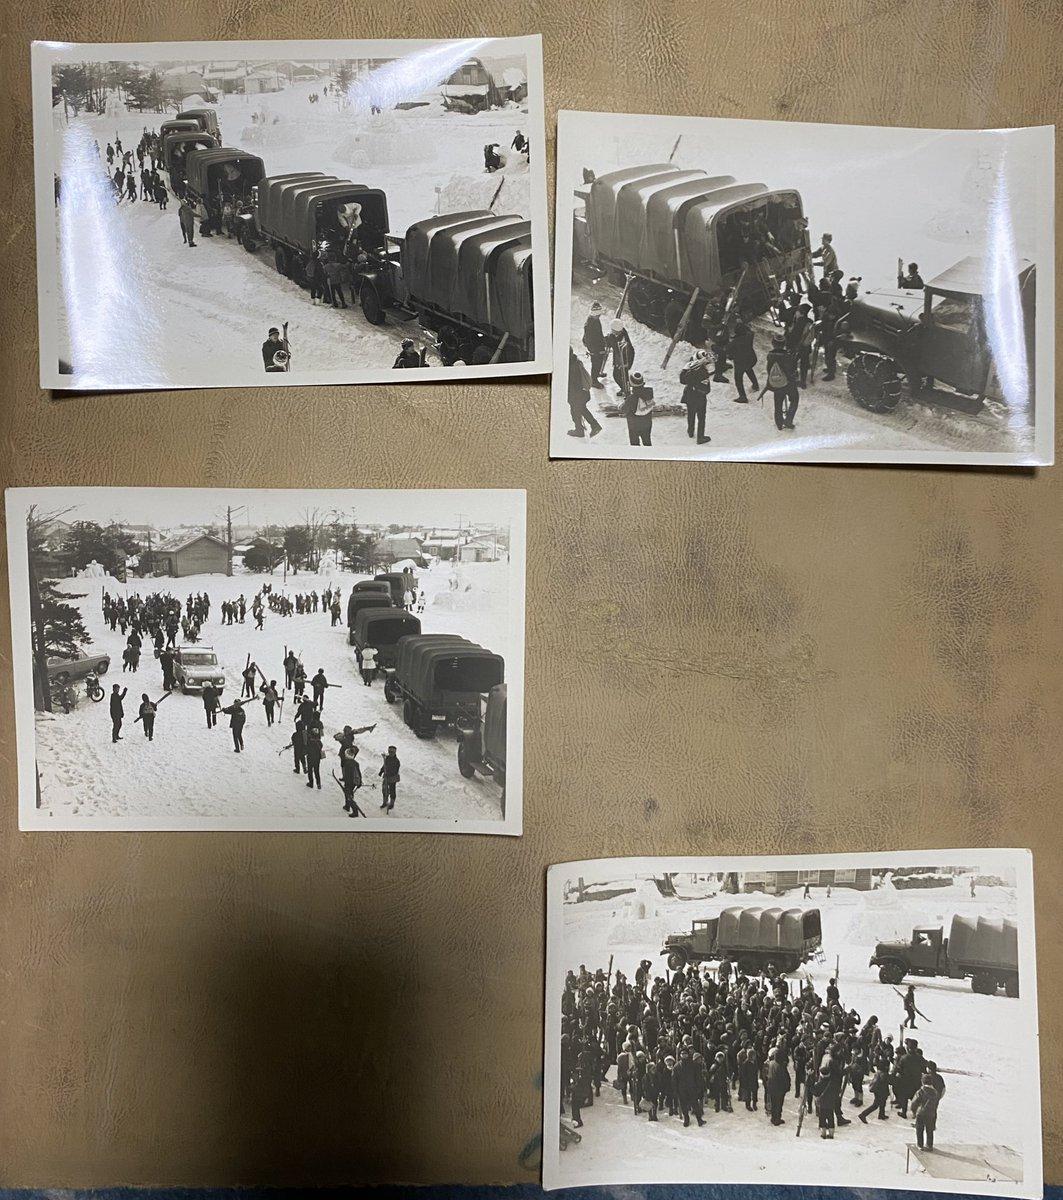 祖父の遺品整理での一コマ昭和49年のに含まれていたのですが、詳細不明北方のトラックから下車するスキー学習小学生